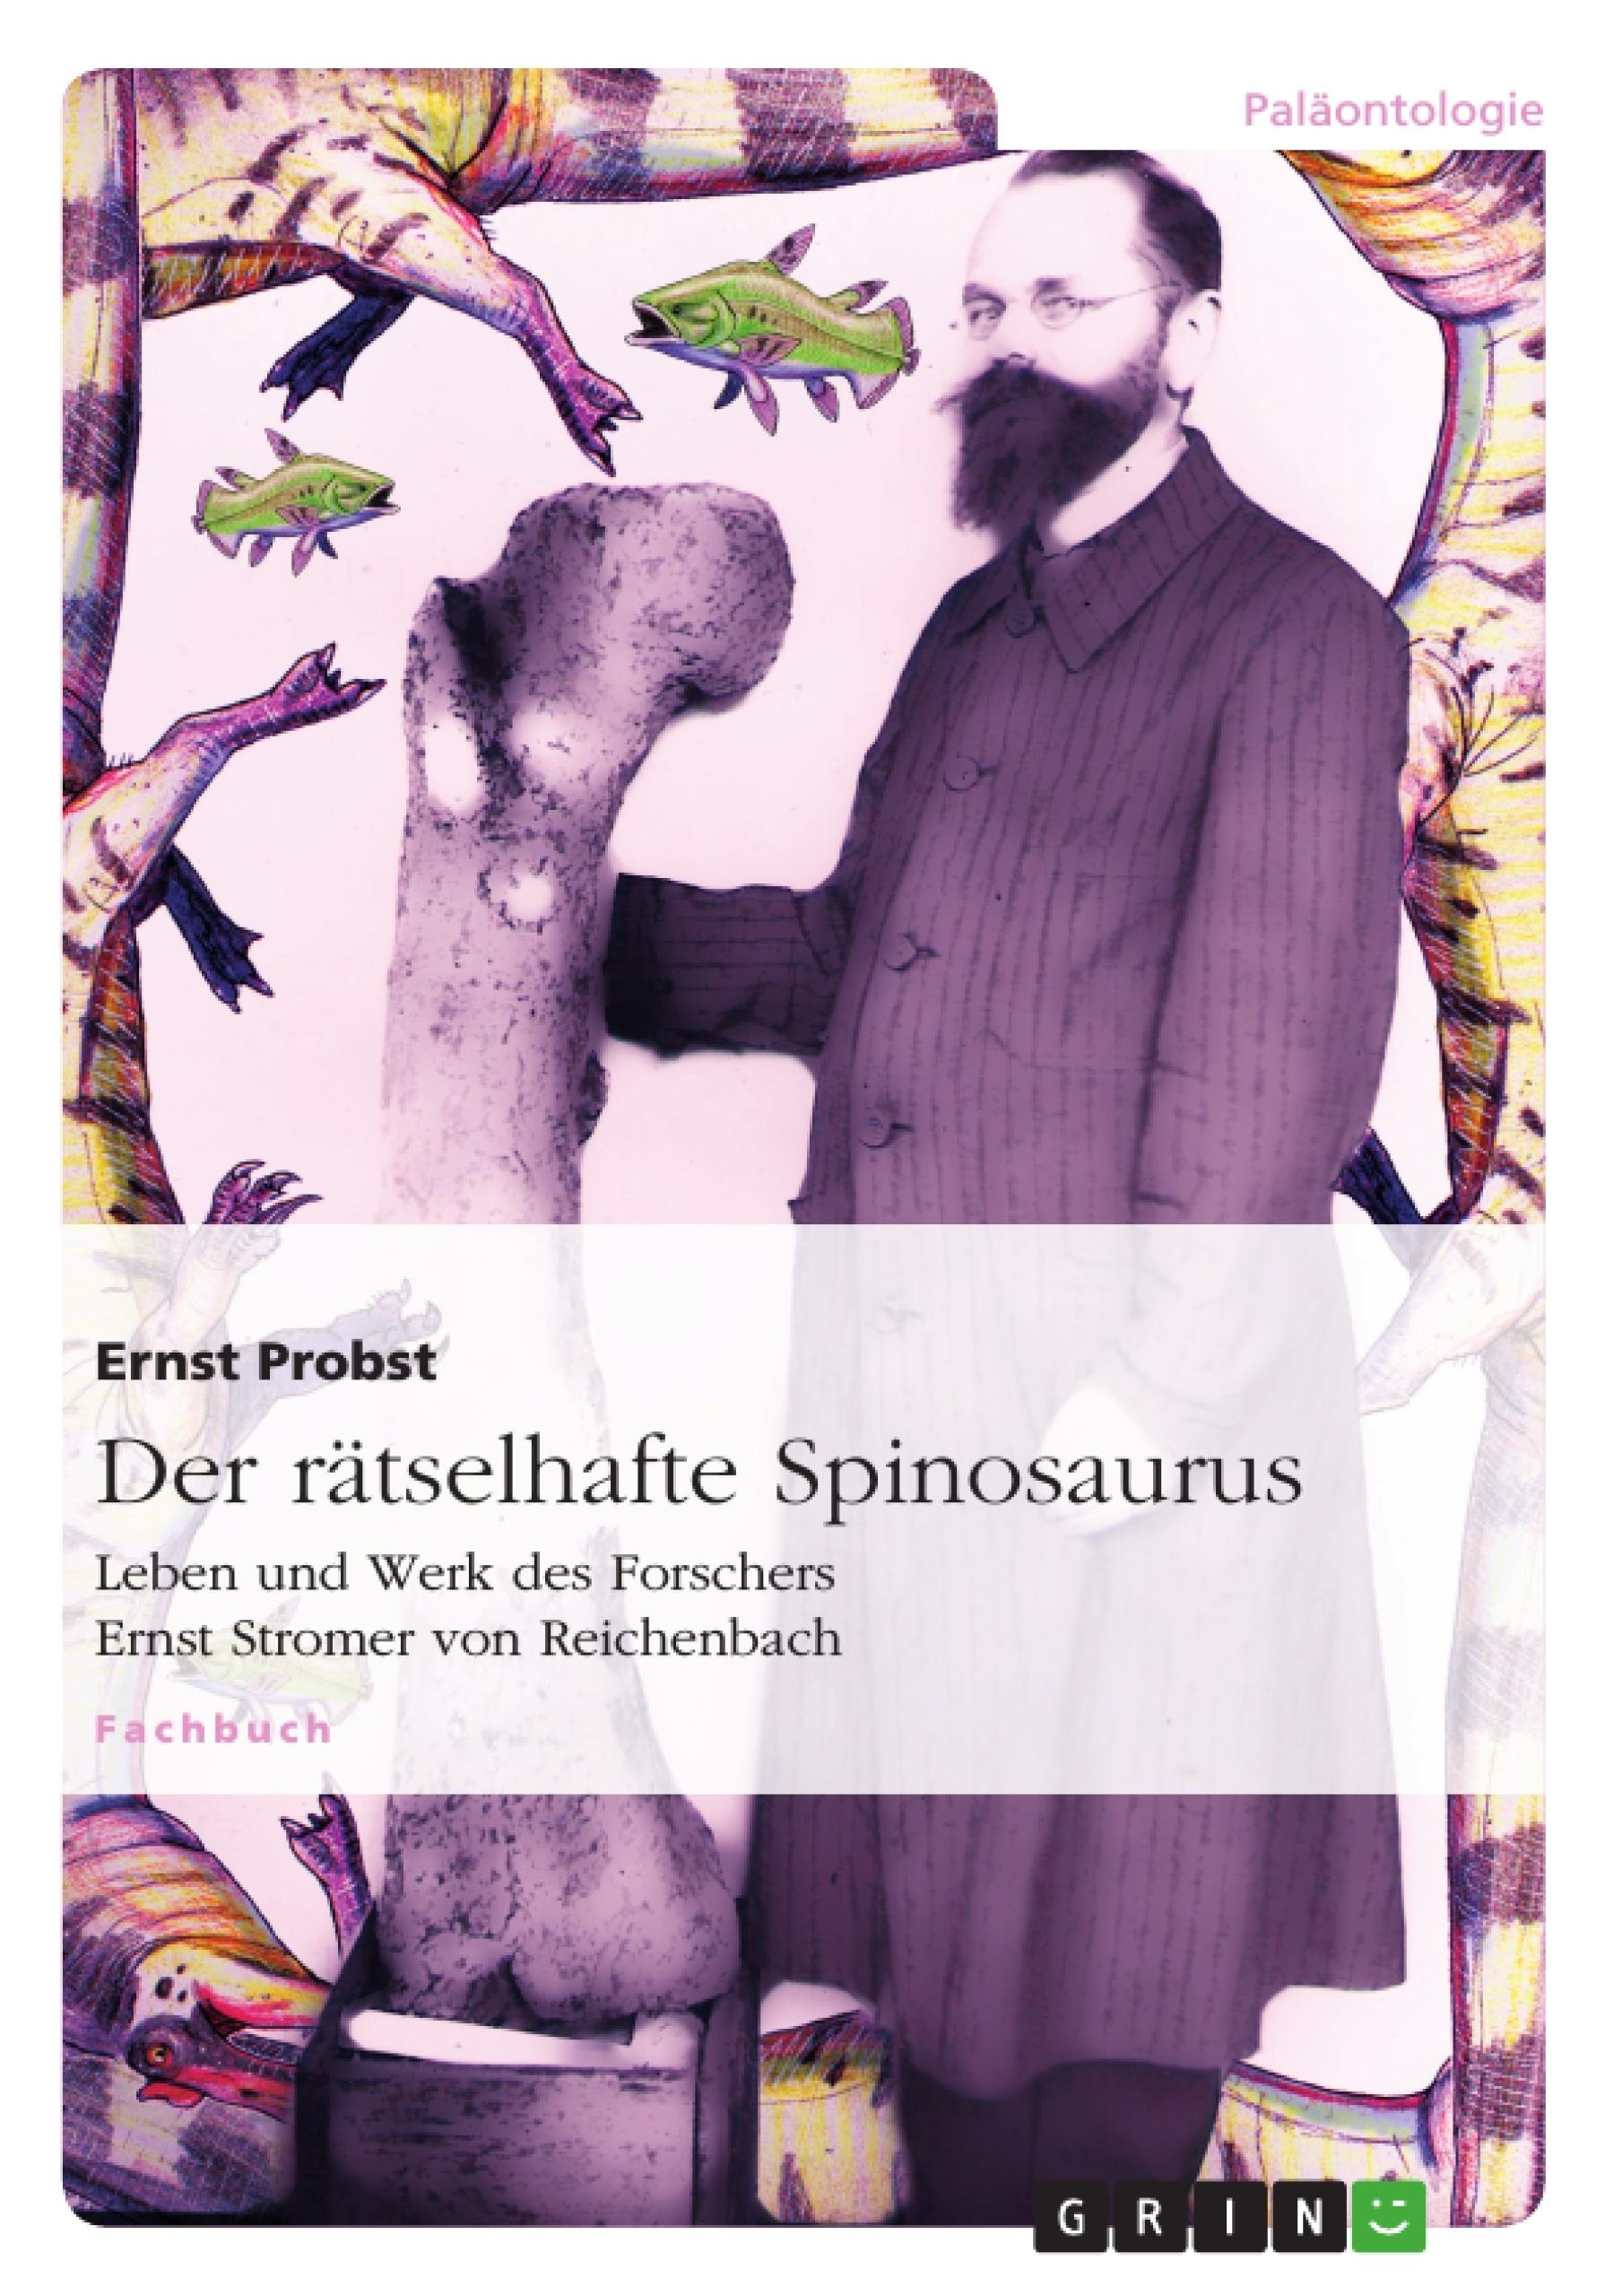 Titel: Der rätselhafte Spinosaurus